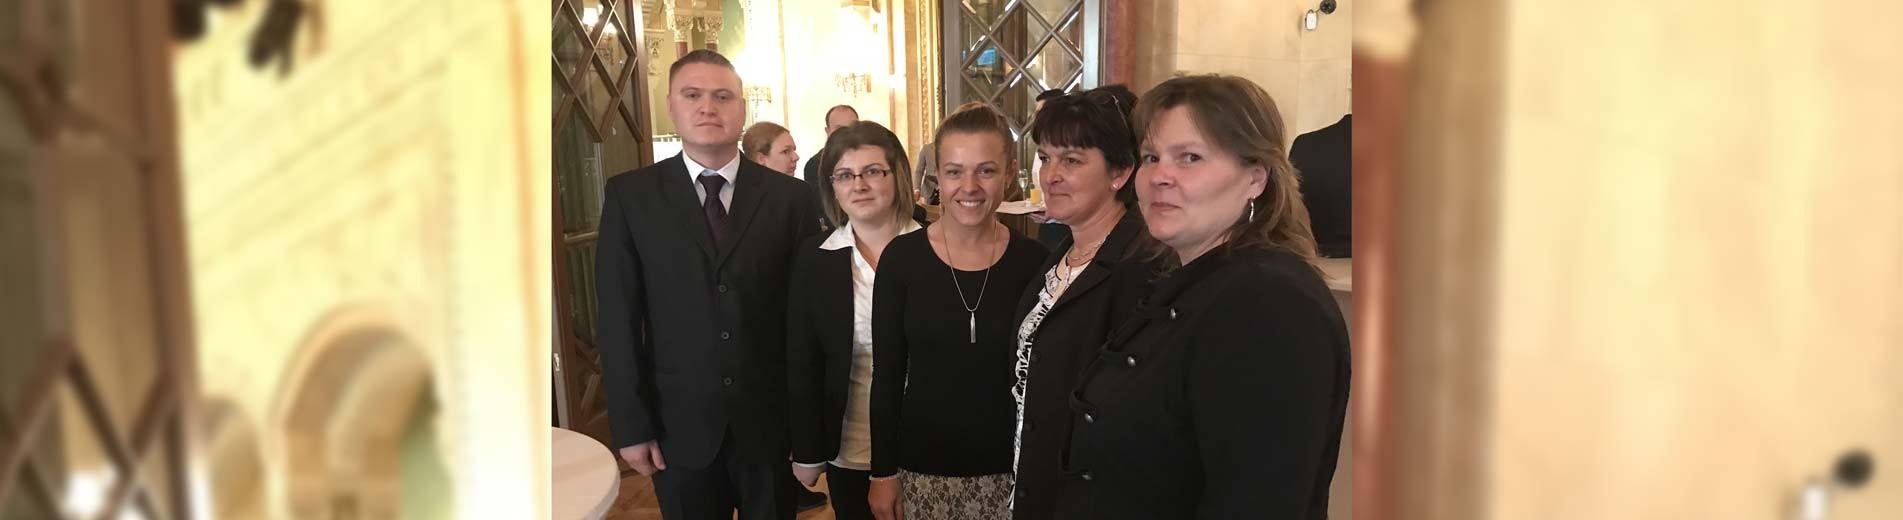 Klebelsberg-ösztöndíjban részesültek a Kaposvári Egyetem gyógypedagógus hallgatói